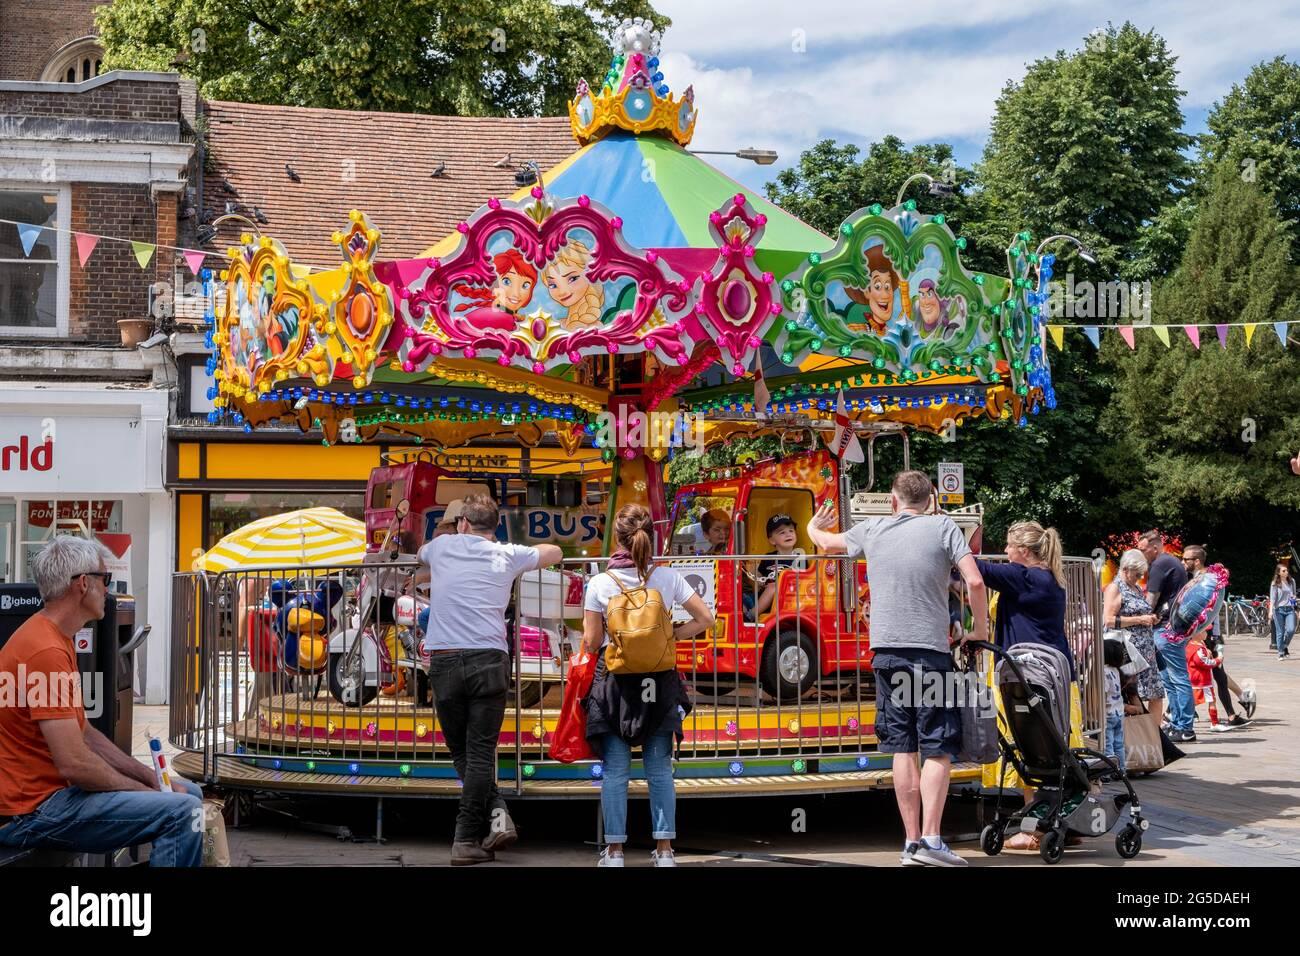 Kingston Londres, Royaume-Uni, juin 26 2021, parents regardant les enfants sur UN rond-point de Fairground Ride Banque D'Images